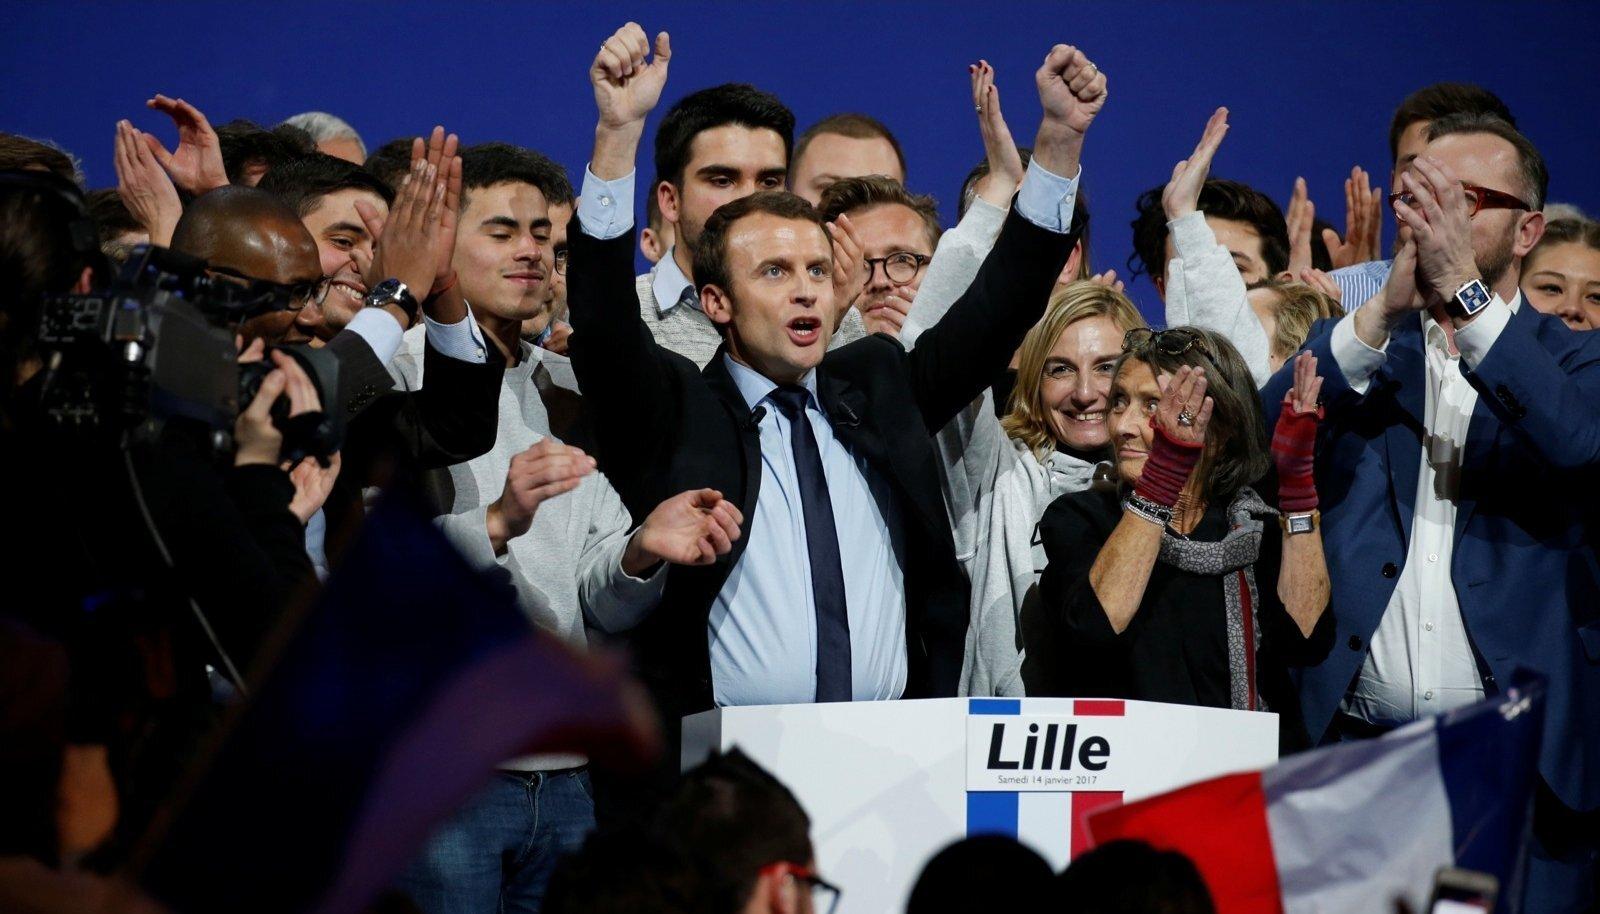 39-aastane EmmanuelMacron on noorim presidendikandidaat ajal, kui prantslased soovivad poliitikasse värskust.